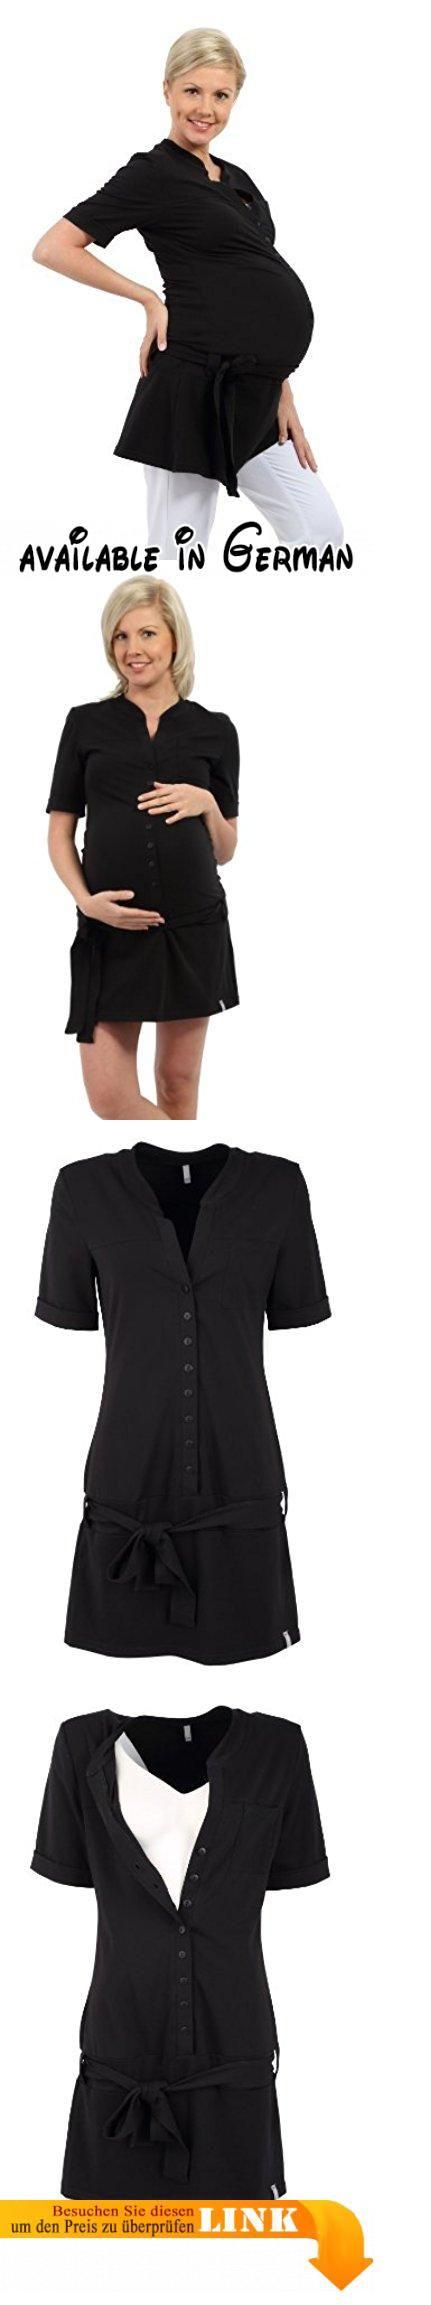 Be! Mama - 2in1 Umstandstunika, Stilltunika, Modell: TILDE. exzellente Herstellungsqualität. hochqualitative Baumwolle. Ideal in der Schwangerschaft, nach der Geburt sowie zum Stillen. passt sich dem wachsenden Babybauch an. passt ideal zu Leggings, dünnen Hosen oder Jeans #Apparel #SHIRT